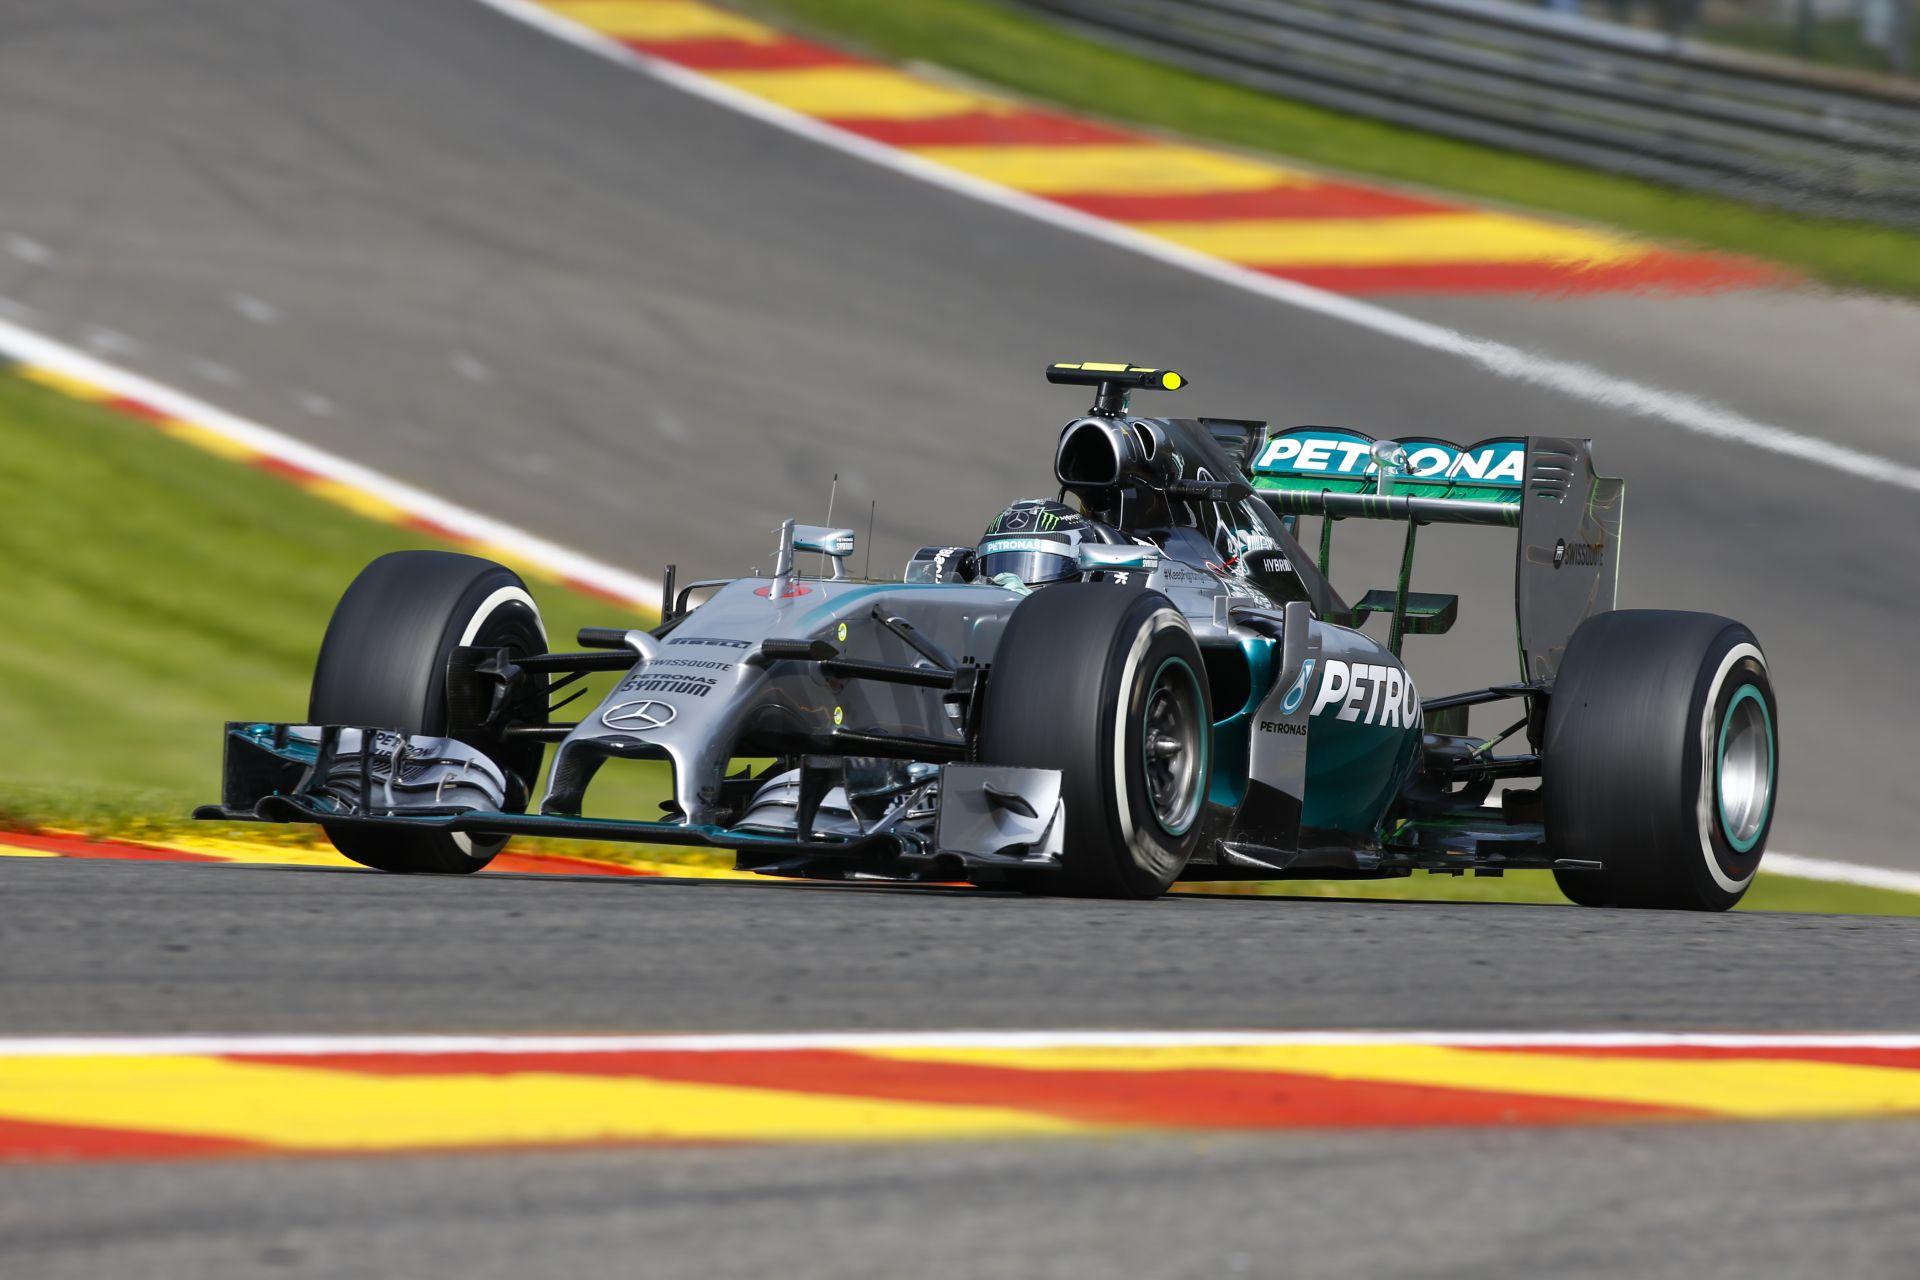 Rosberg: Még mindig a Mercedes a legjobb, de a Red Bull nagyon talált valamit